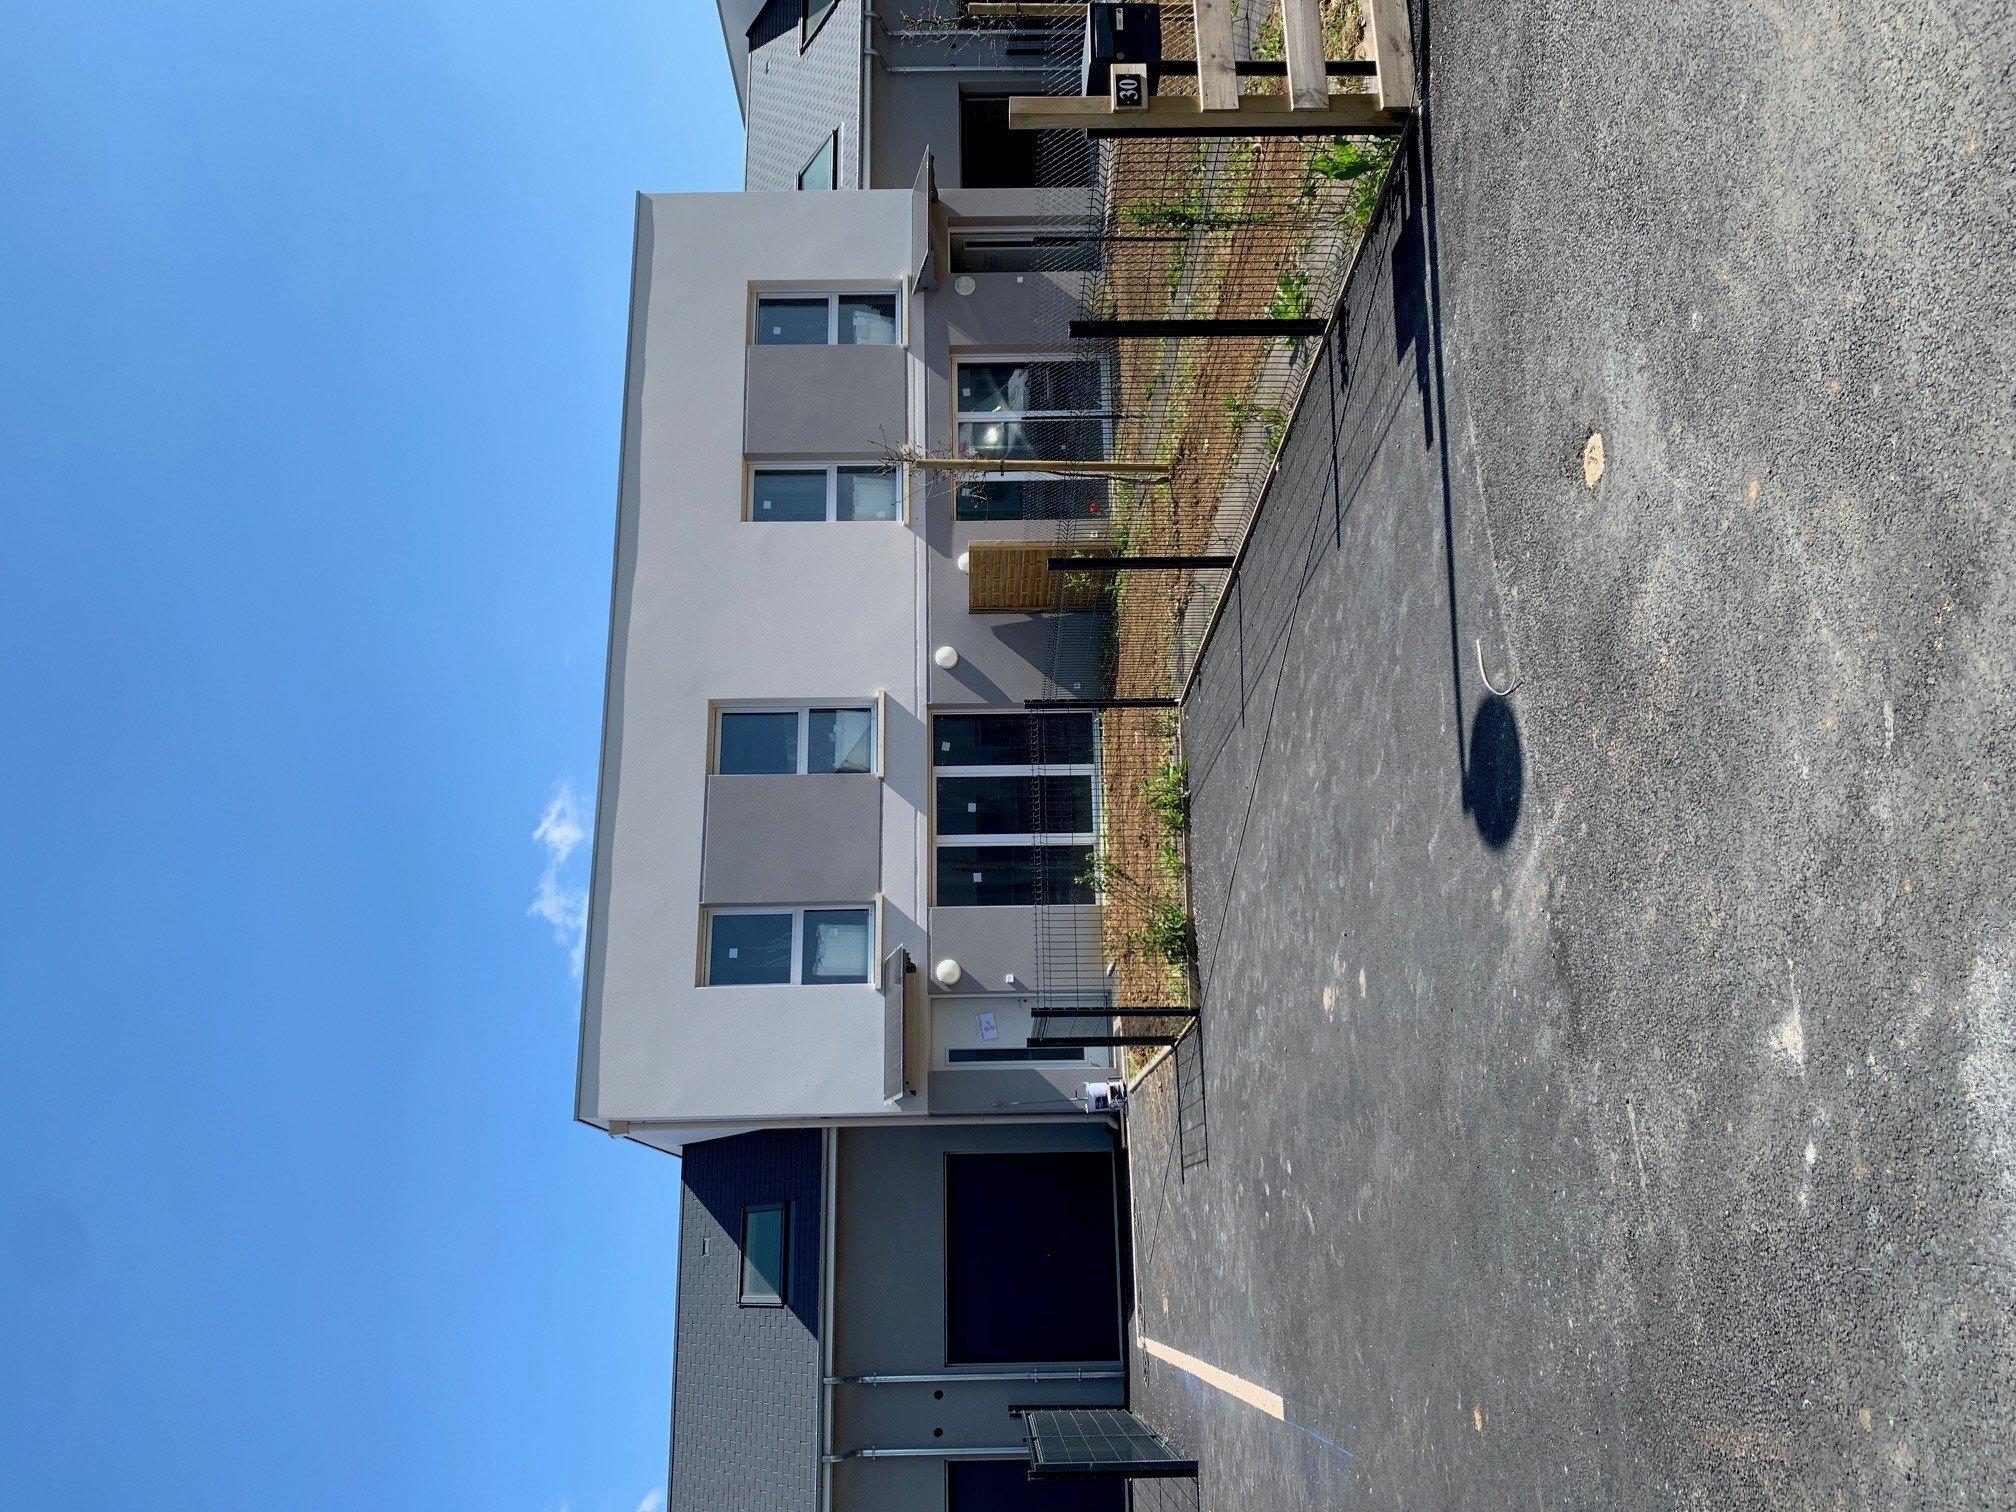 Maison Clé En Main Calvados programme immobilier les villas saint germain à cagny